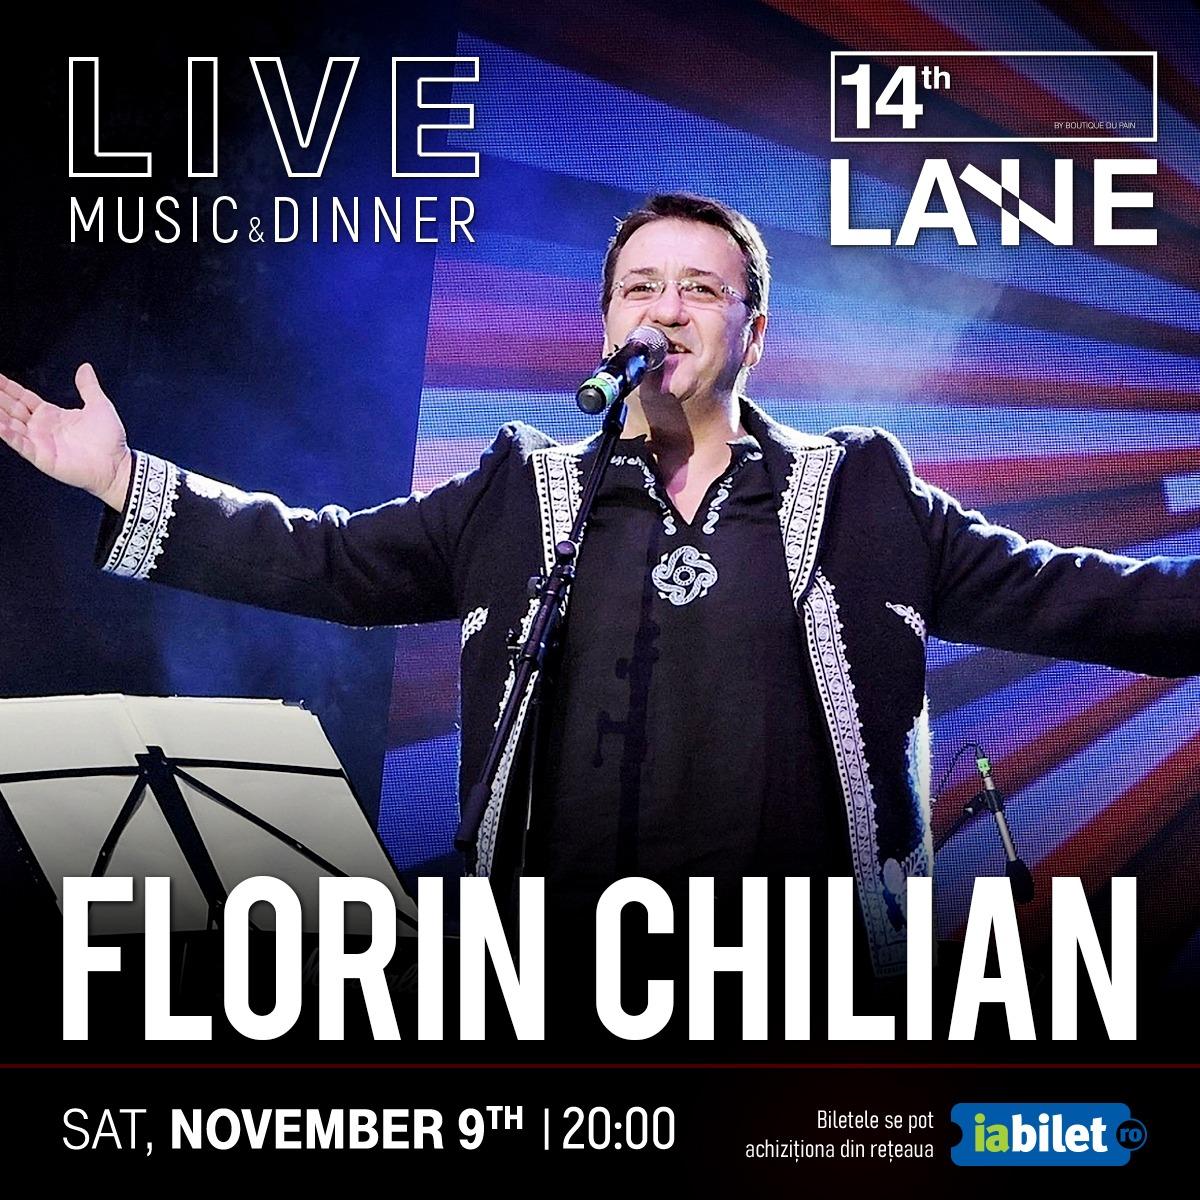 ❤️ Florin Chilian vine la 14thLane! ❤️